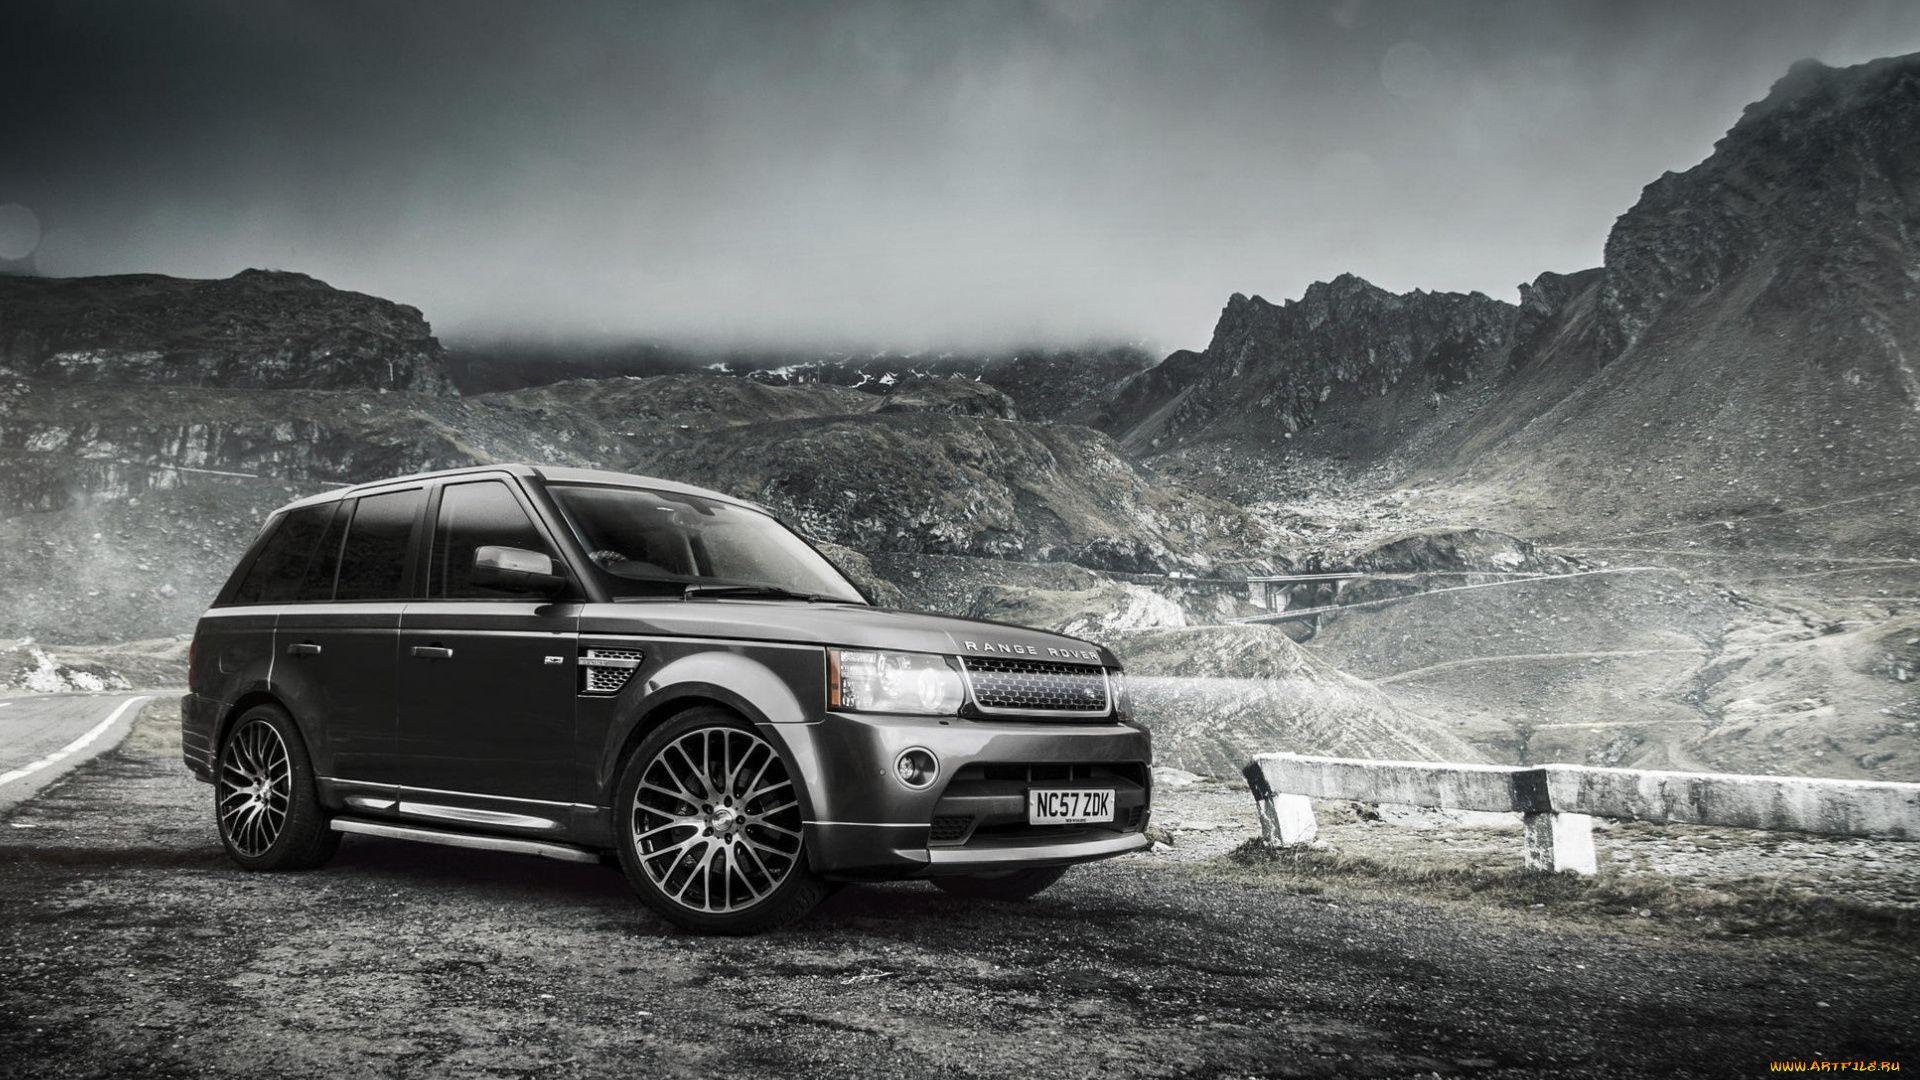 Range Rover pics